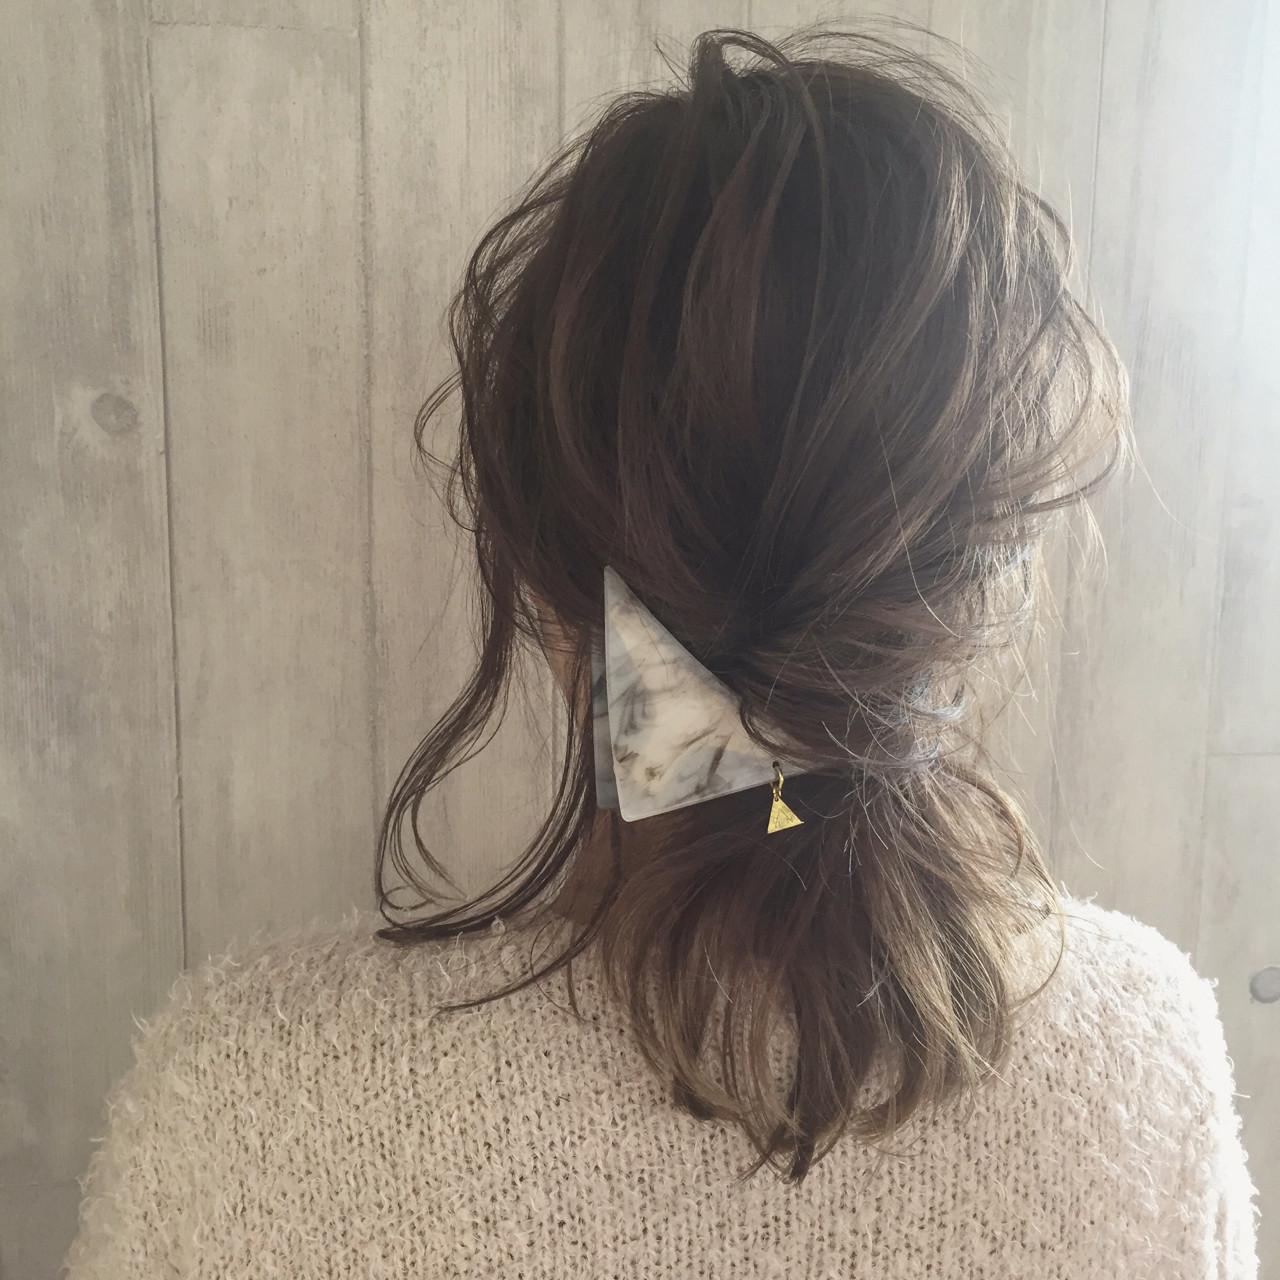 ヘアアレンジ 外国人風 簡単ヘアアレンジ 三角クリップヘアスタイルや髪型の写真・画像